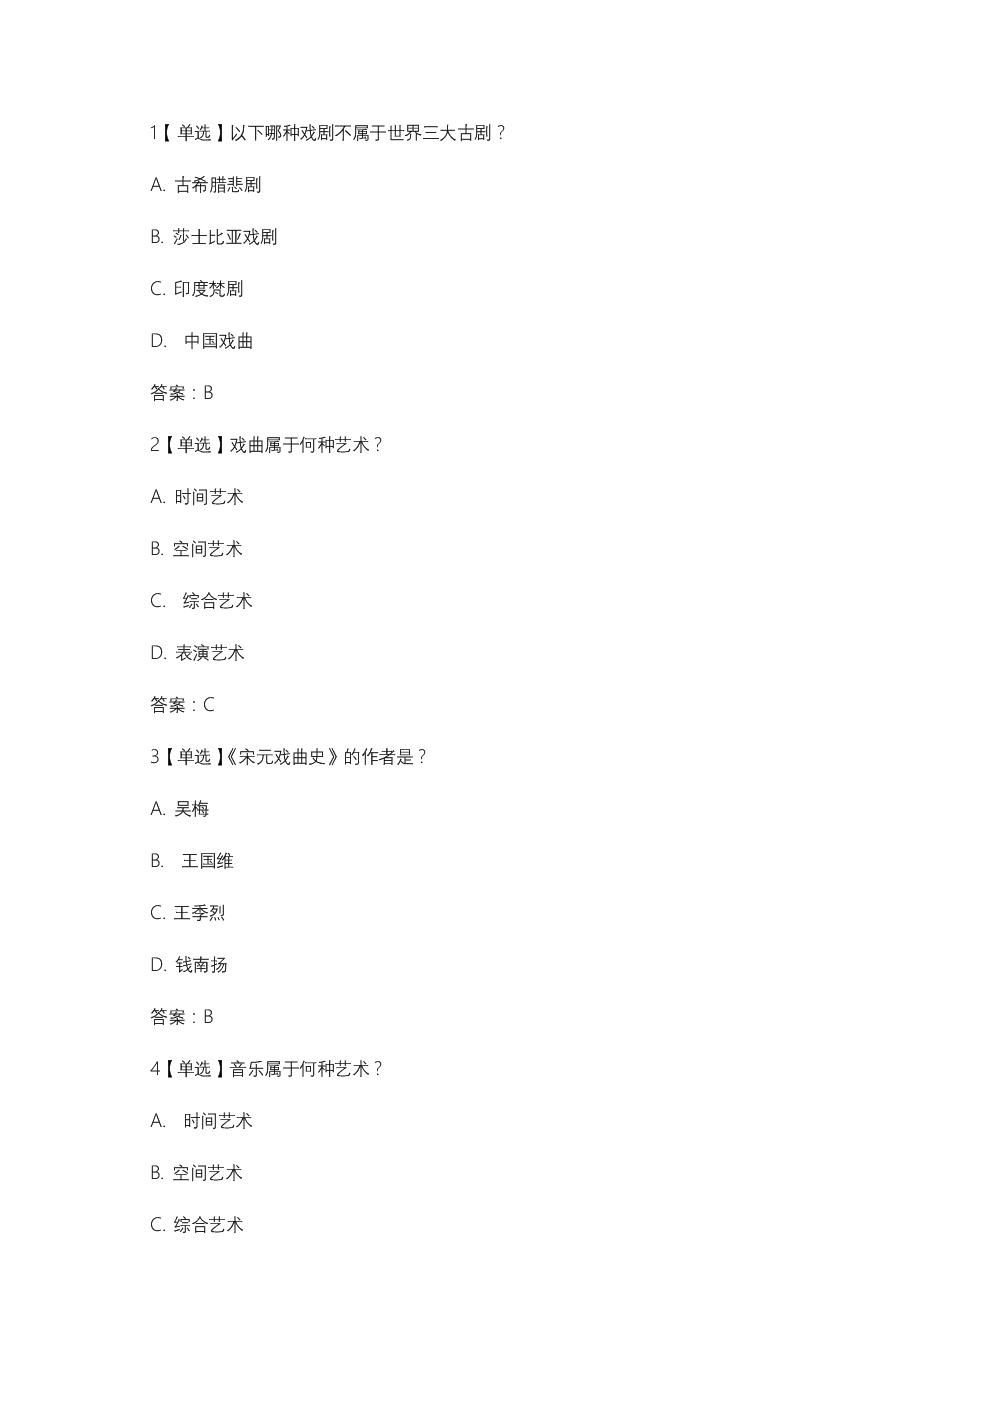 2020高校邦《中国古典戏曲艺术》章节测试答案.docx